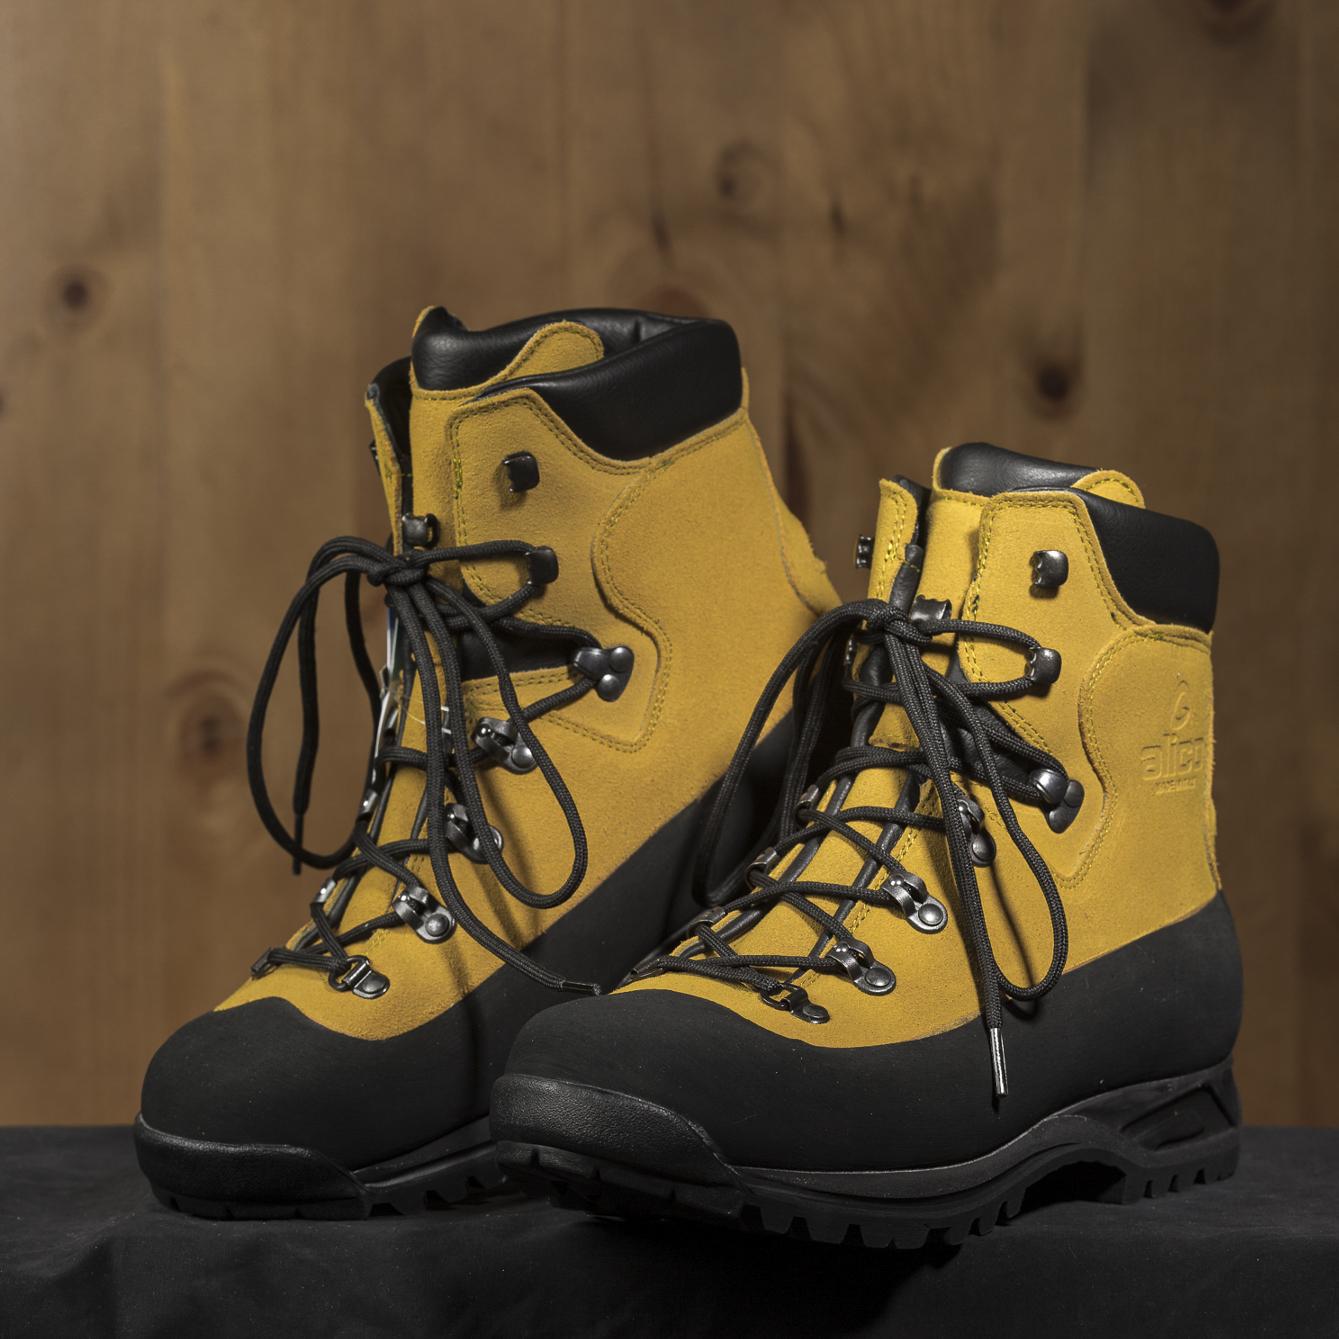 意大利Alico MONTANA 系列专业防水徒步耐磨防滑登山鞋 黄色 37